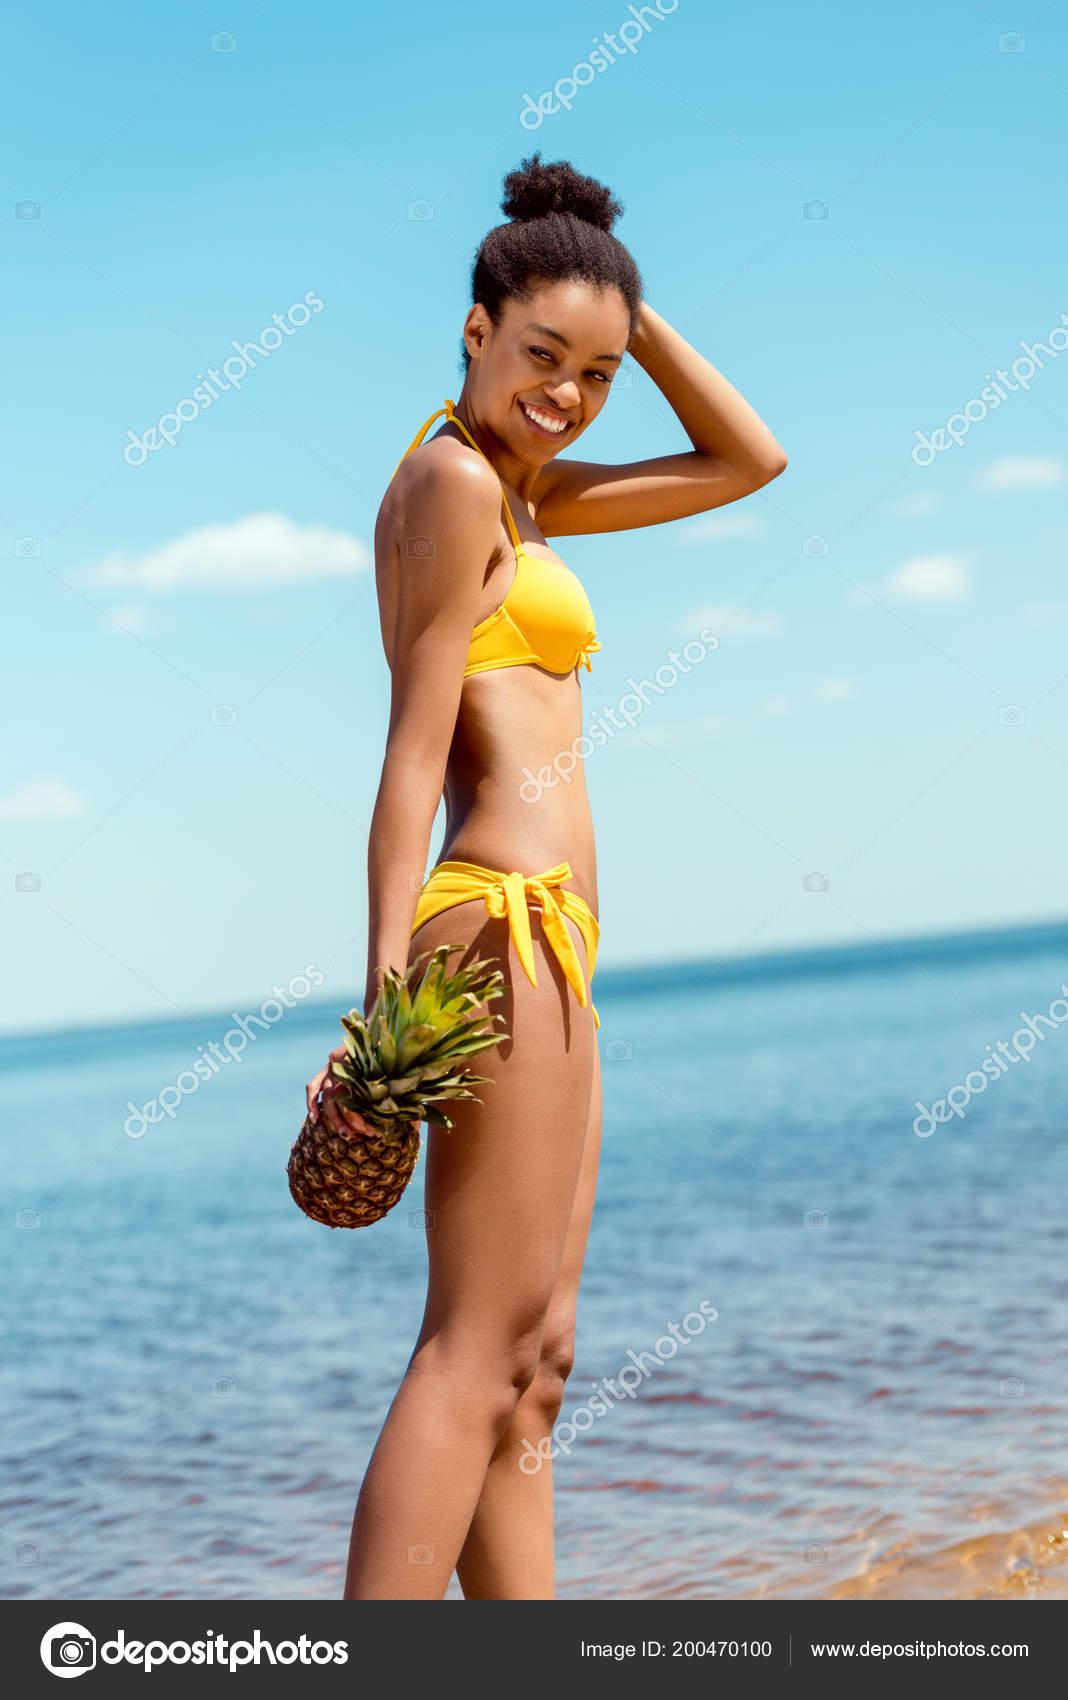 bikini American woman